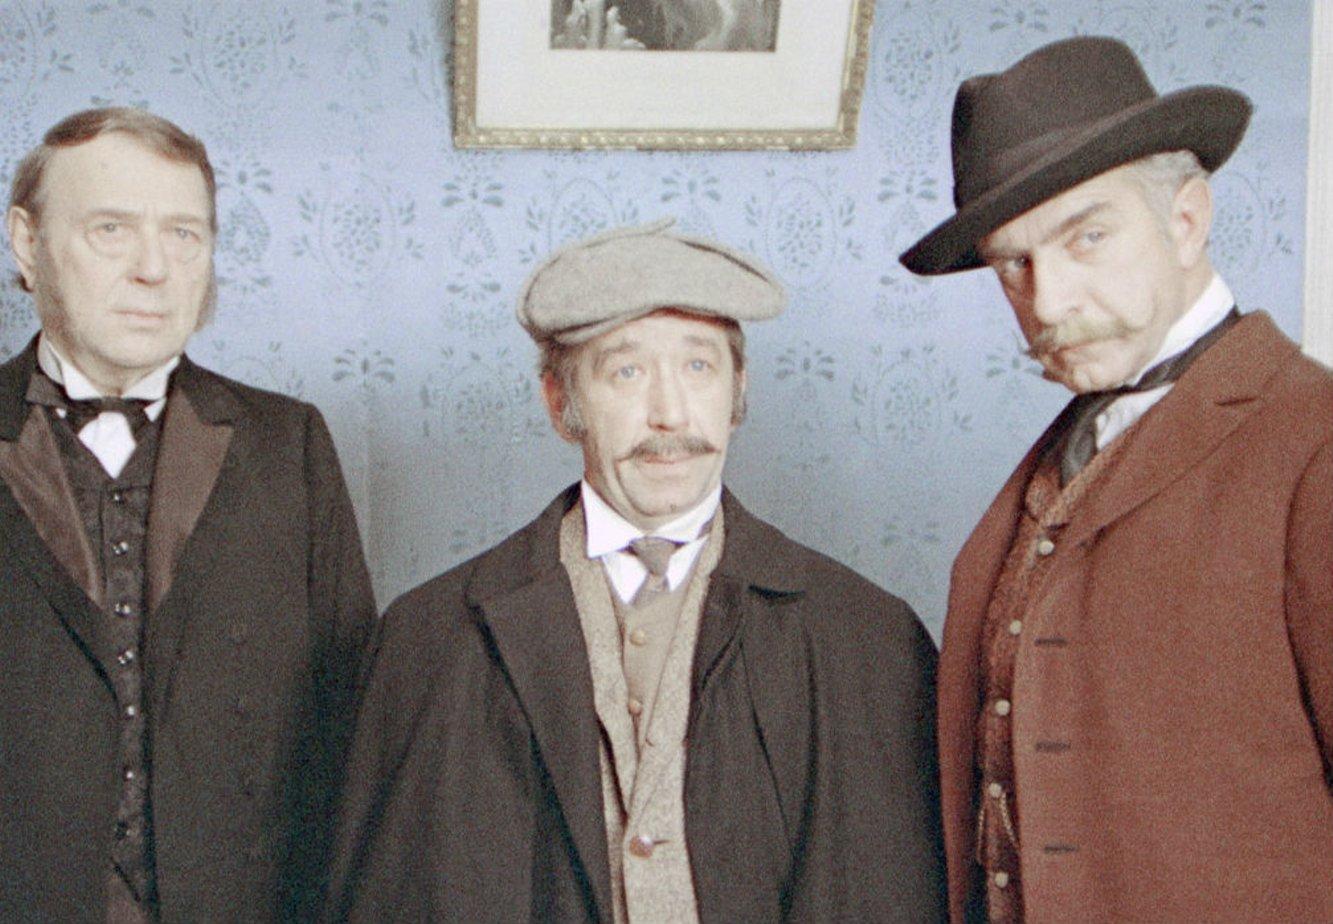 центр приключения шерлока холмса и доктора ватсона смотреть отзывы